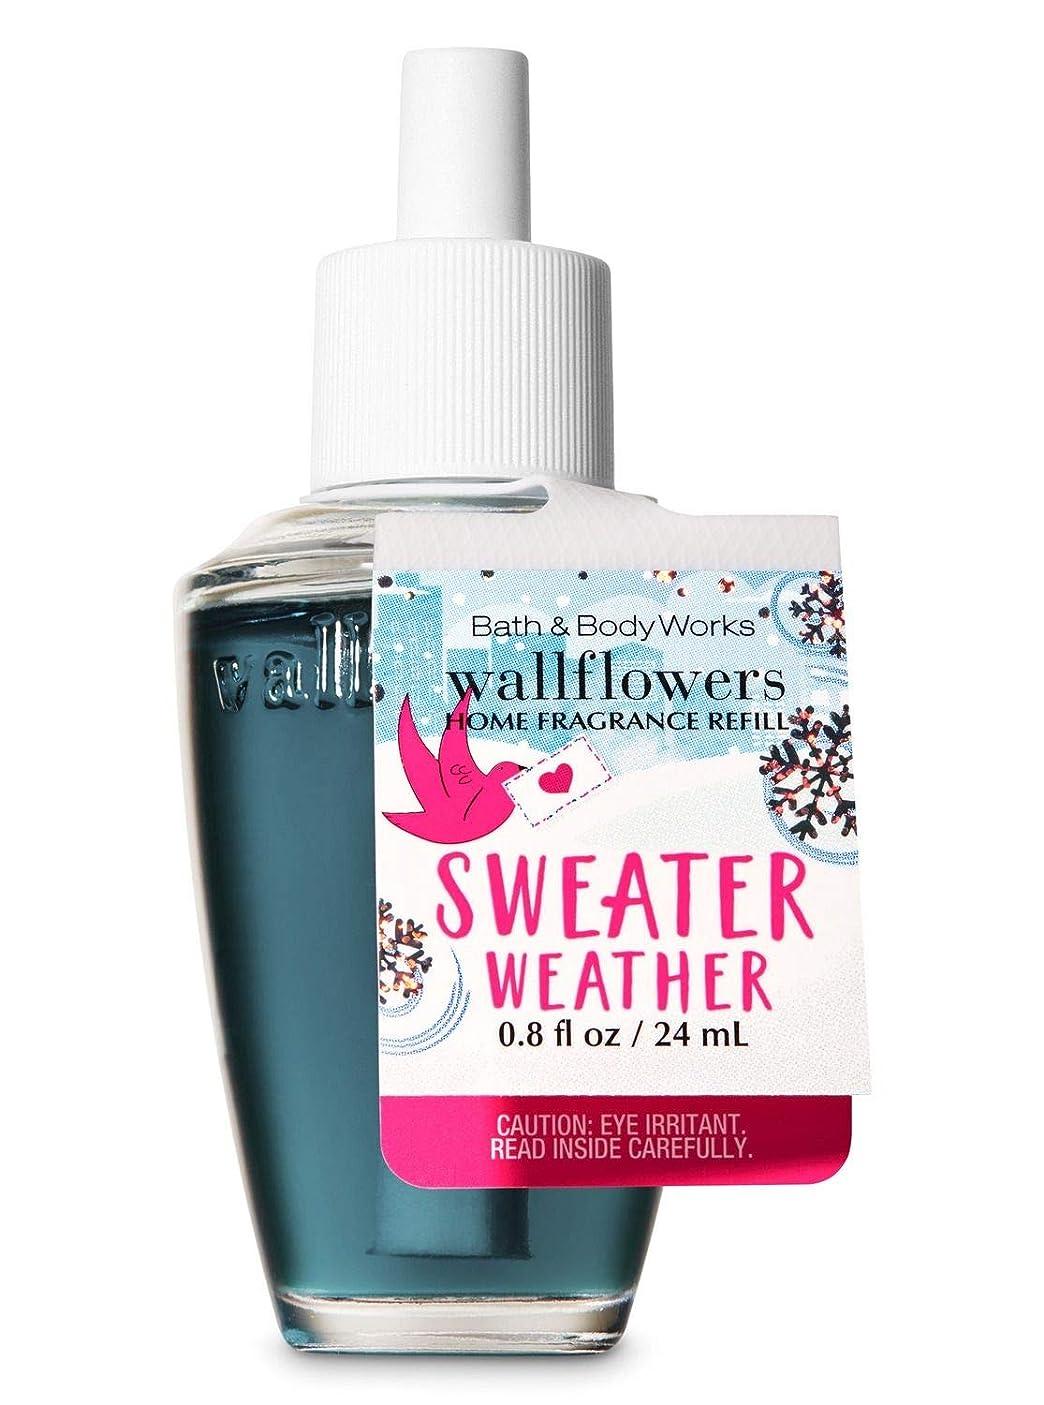 喉が渇いた指紋定常【Bath&Body Works/バス&ボディワークス】 ルームフレグランス 詰替えリフィル スウェターウェザー Wallflowers Home Fragrance Refill Sweater Weather [並行輸入品]